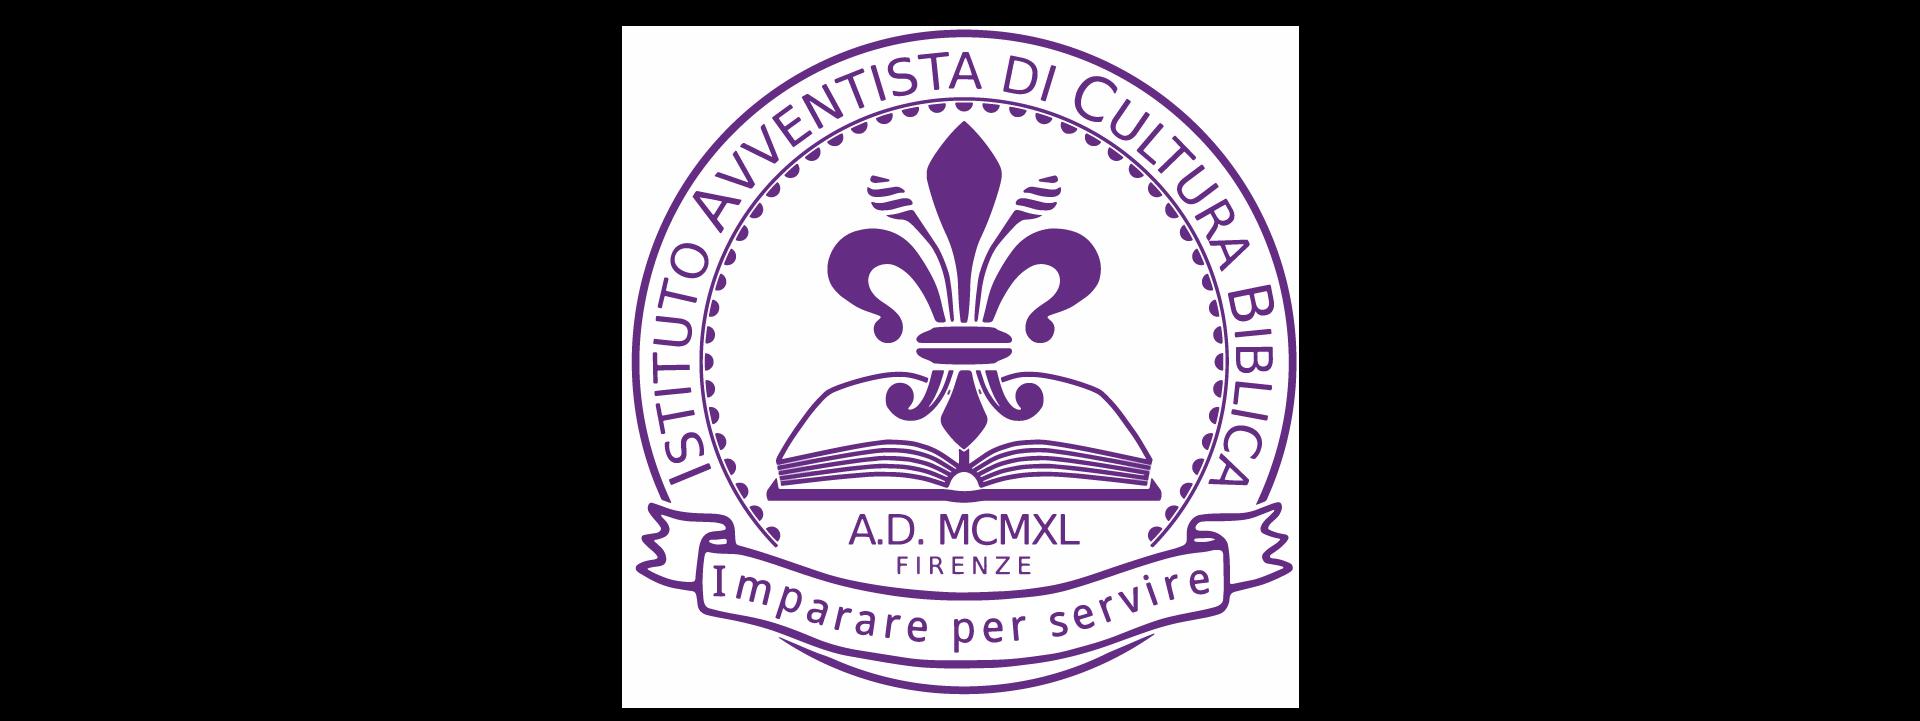 Istituto Avventista Di Cultura Biblica